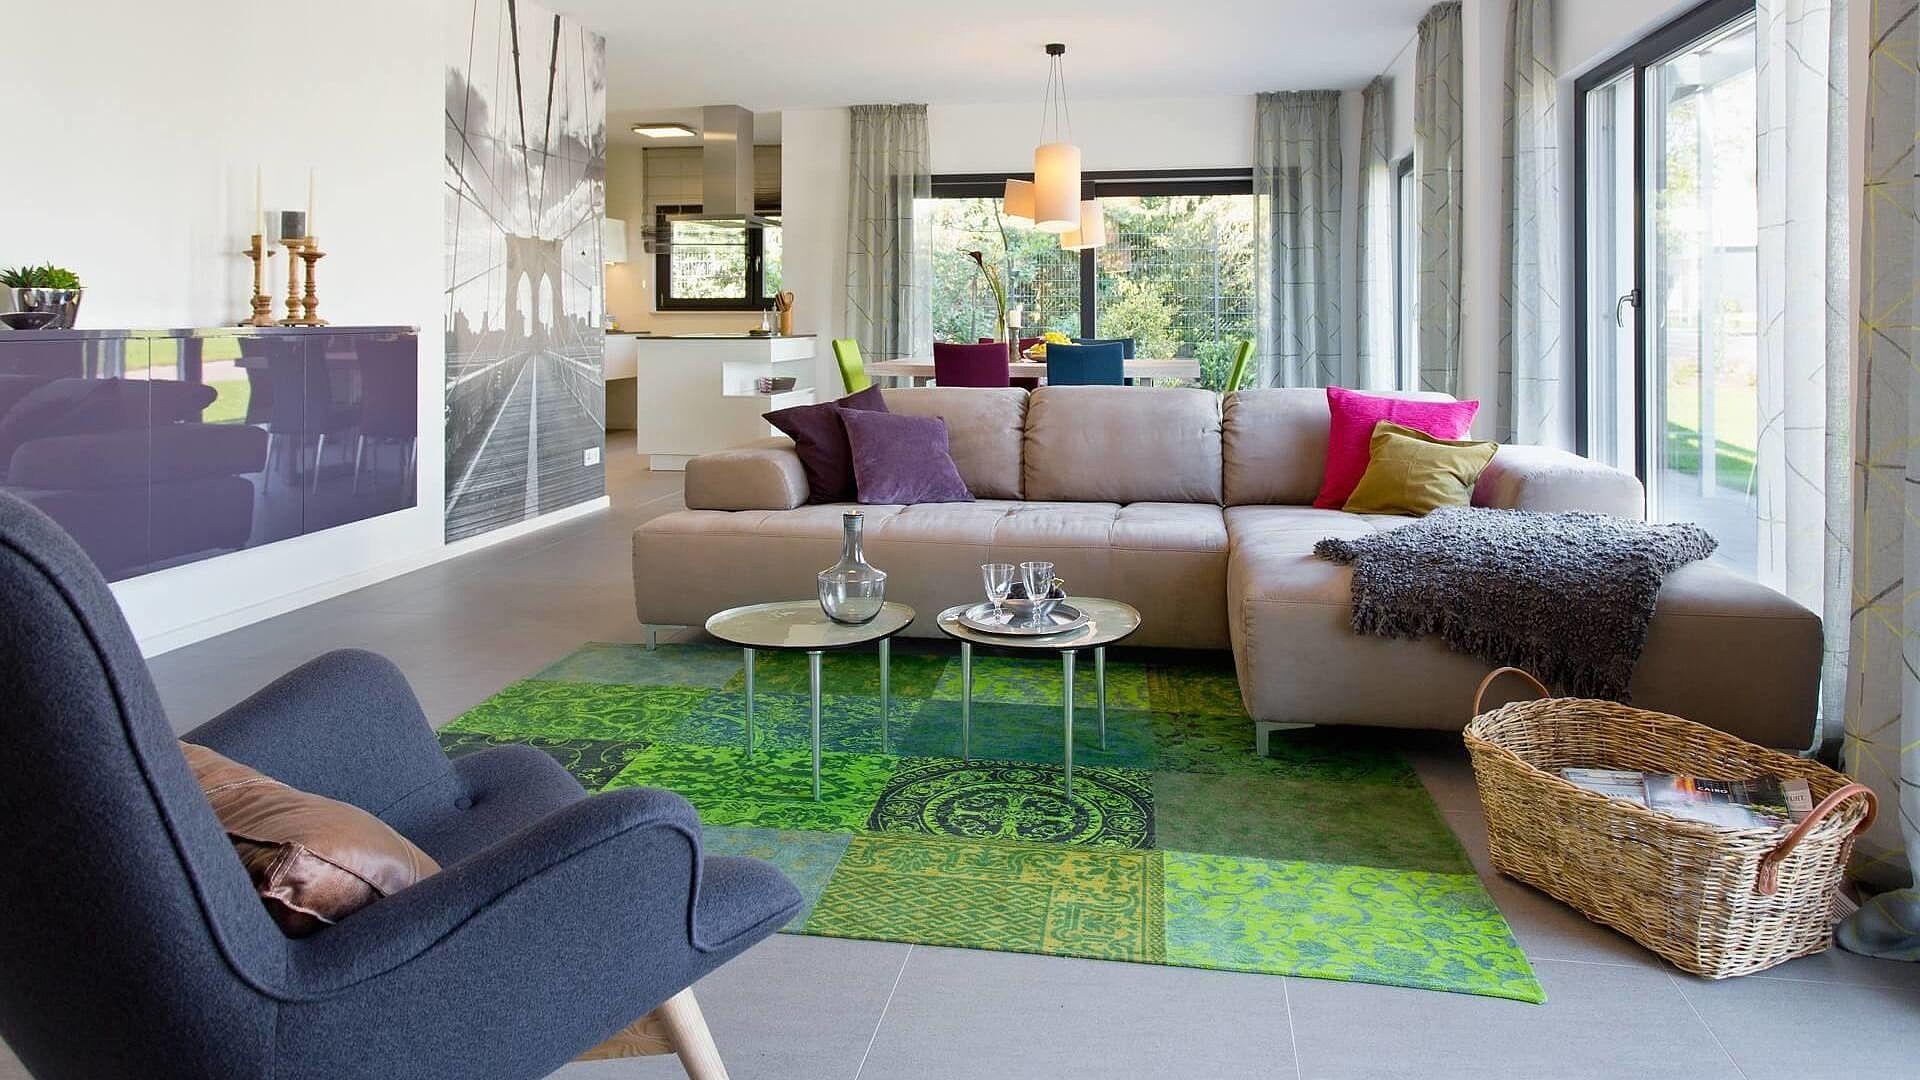 Wohnzimmer Helle Wande Bodentiefe Fenster Gruner Teppich Beige Couch Bunte Kissen Grauer Sessel Wandfoto